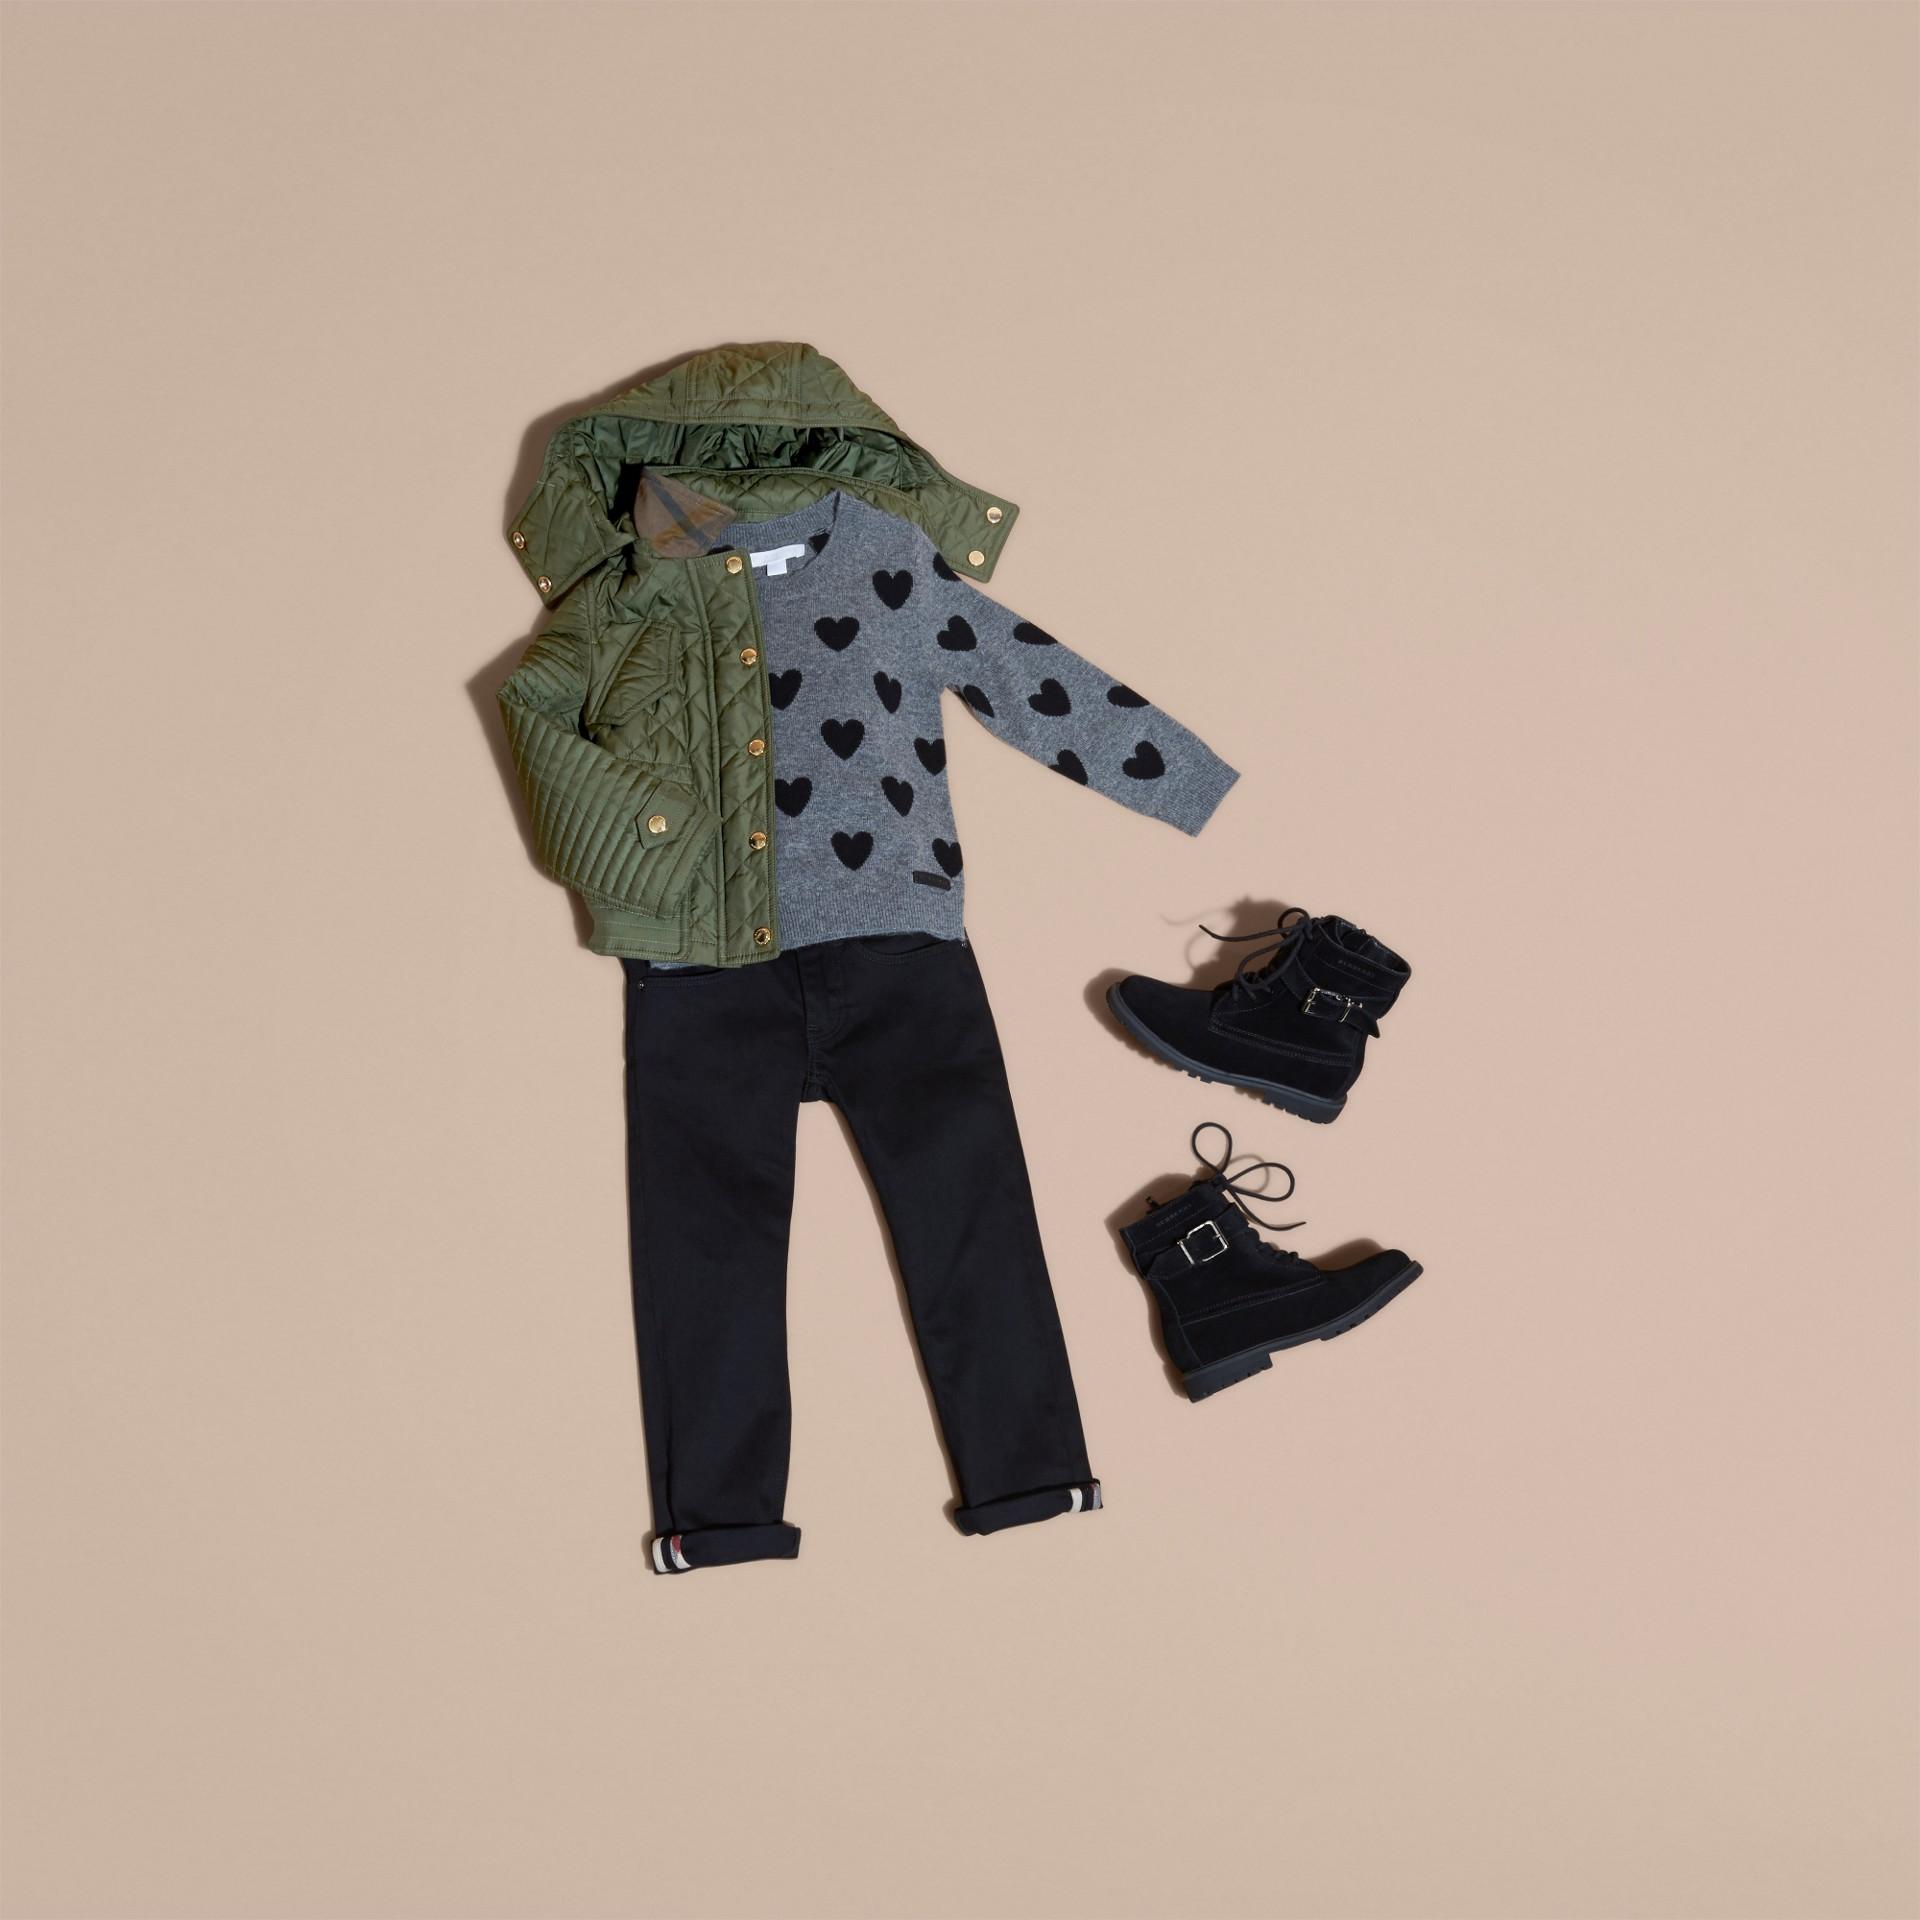 Oliva Giacca trapuntata con cappuccio amovibile - immagine della galleria 5